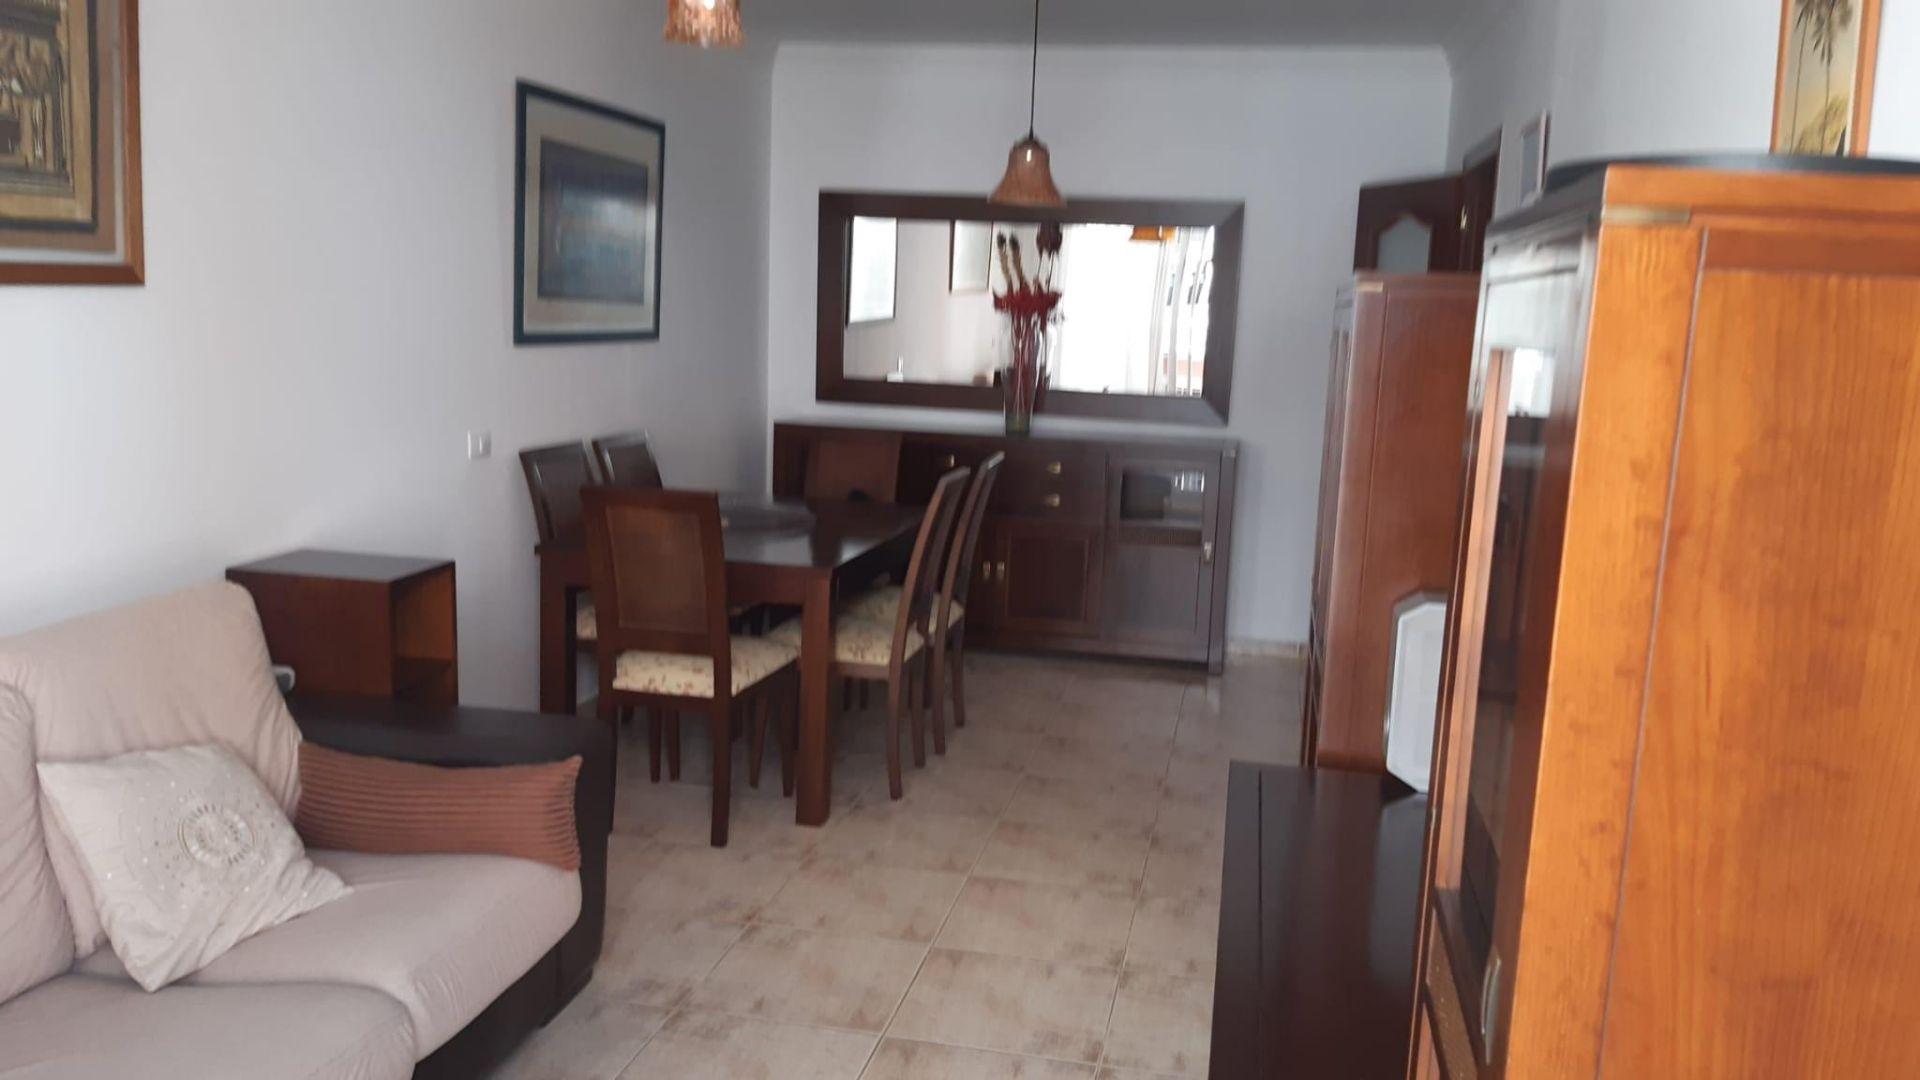 Apartamento completamente amueblado de 2 dormitorios en una tranquila calle sin salida .... más info